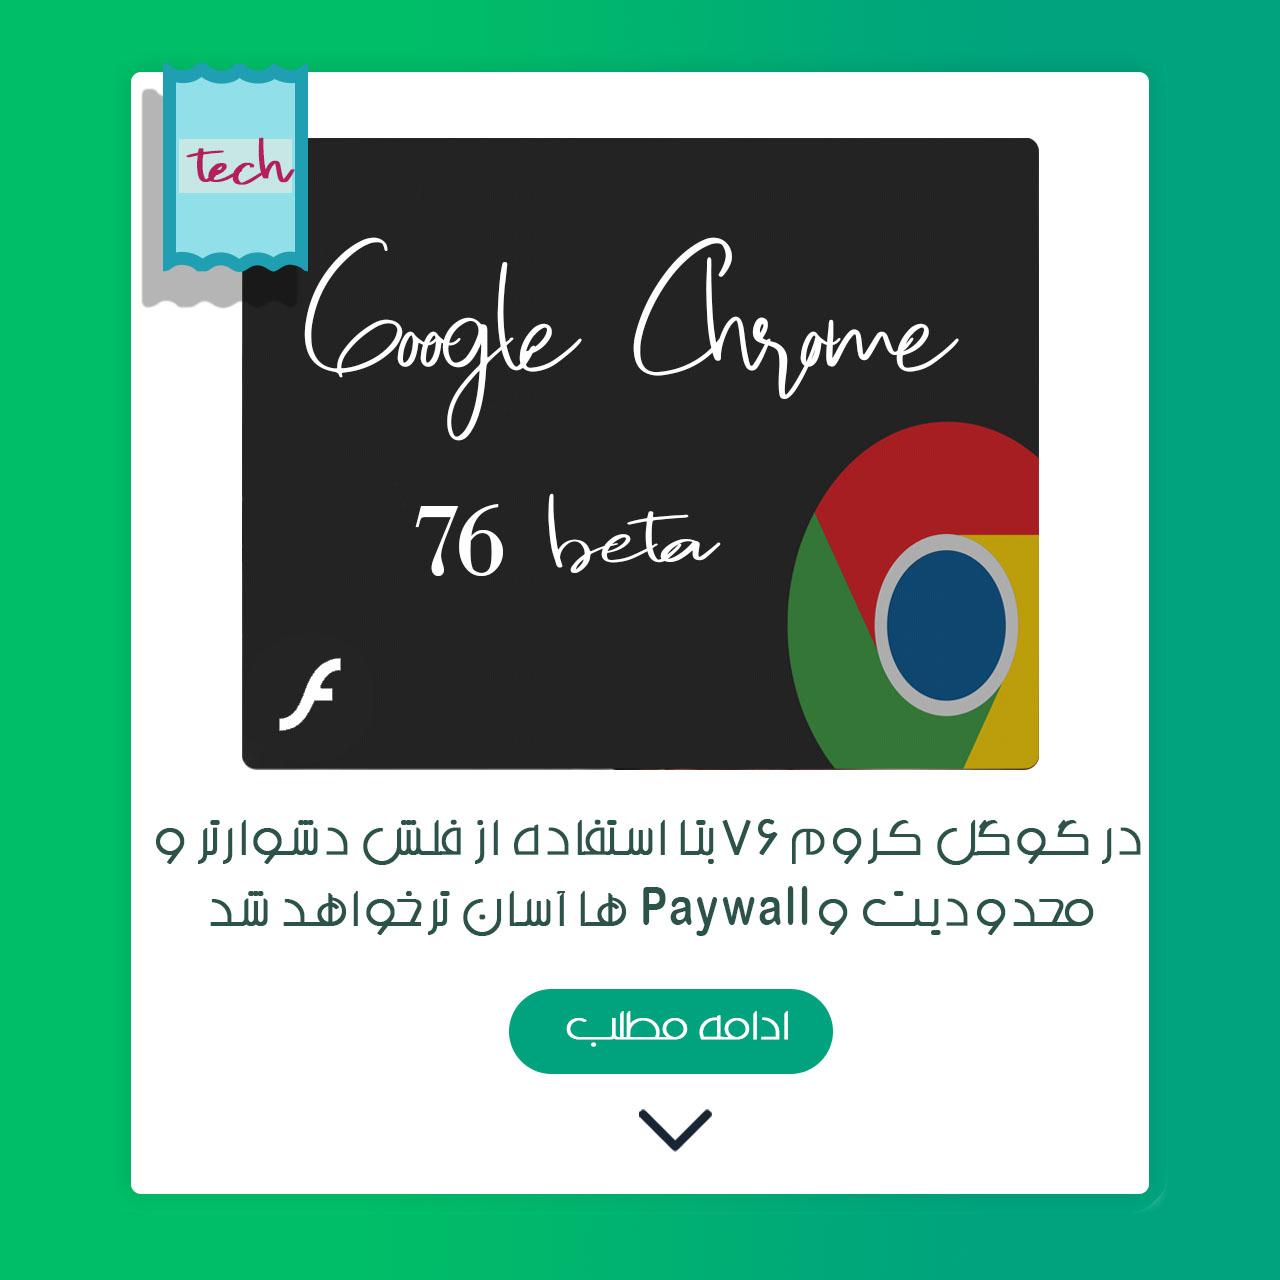 در گوگل کروم 76 بتا استفاده از فلش و محدودیت و Paywall ها دشوارتر شده است